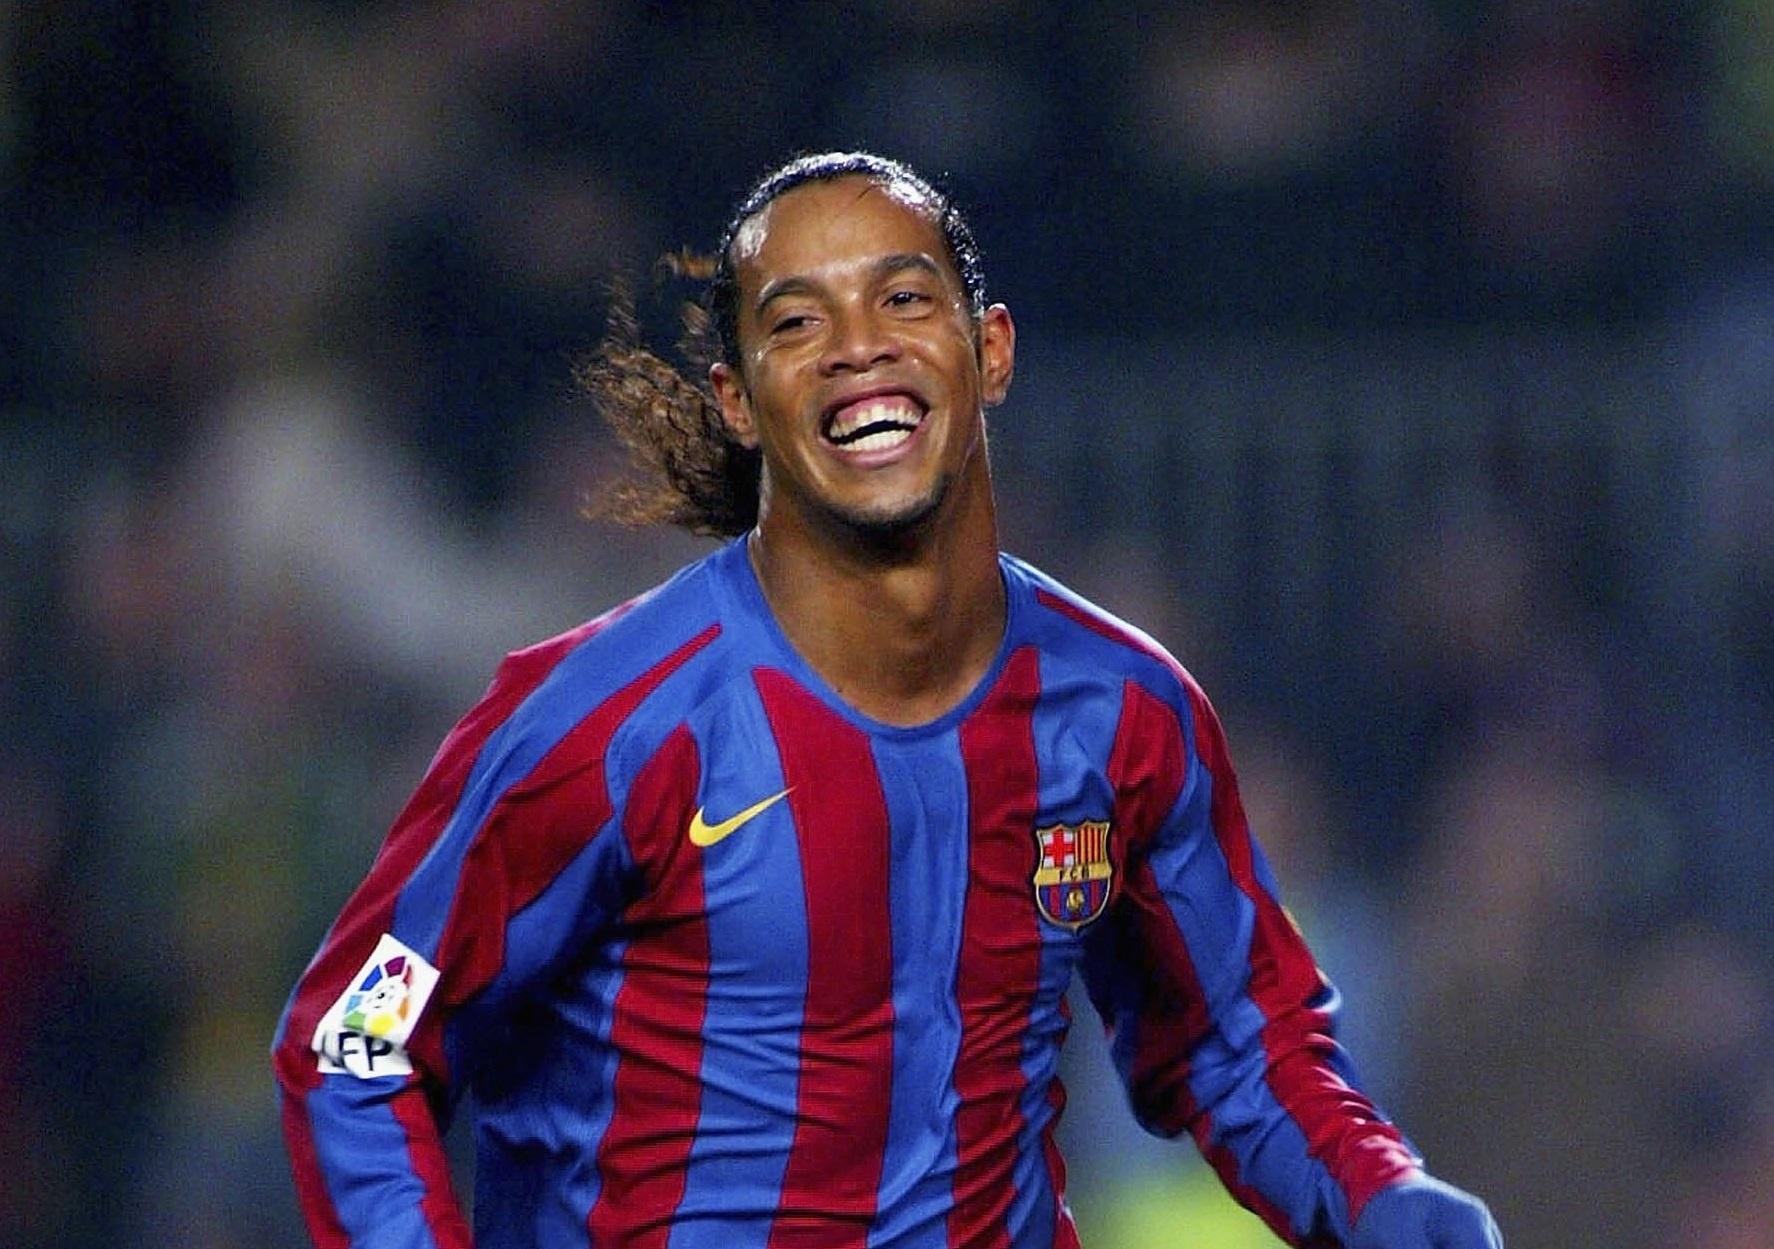 Camisa Barcelona Ronaldinho Gaúcho 2006